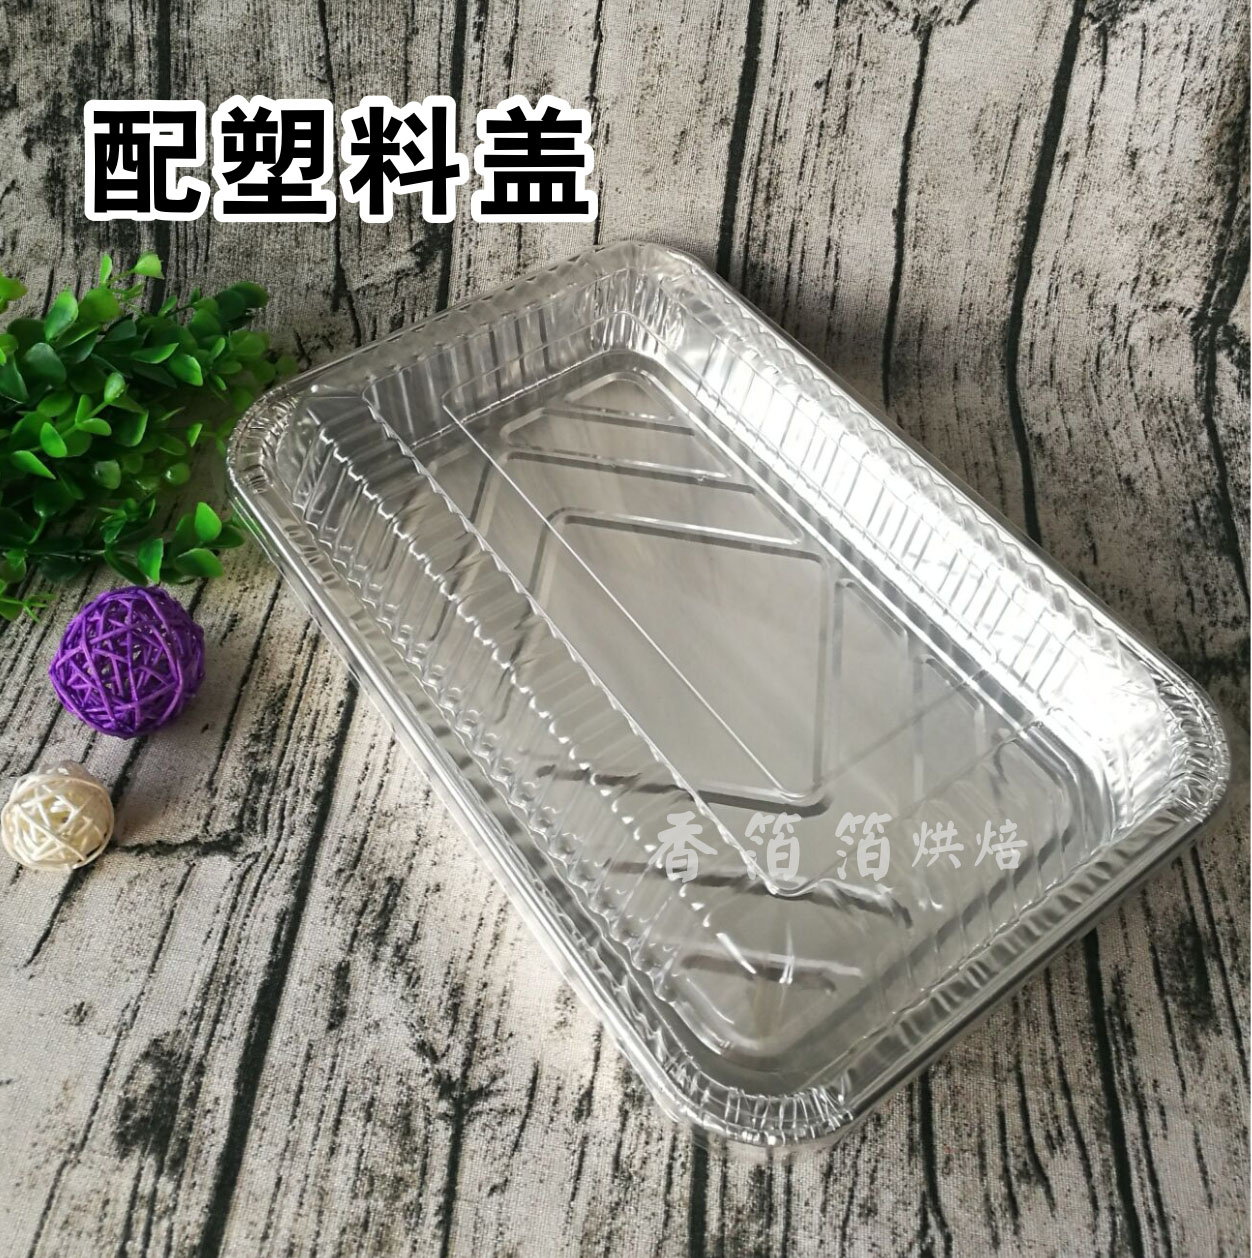 鋁方盒 錫紙盤菜盆 錫紙方盤 鋁箔火雞盤 錫箔燒烤盤錫紙20個包郵